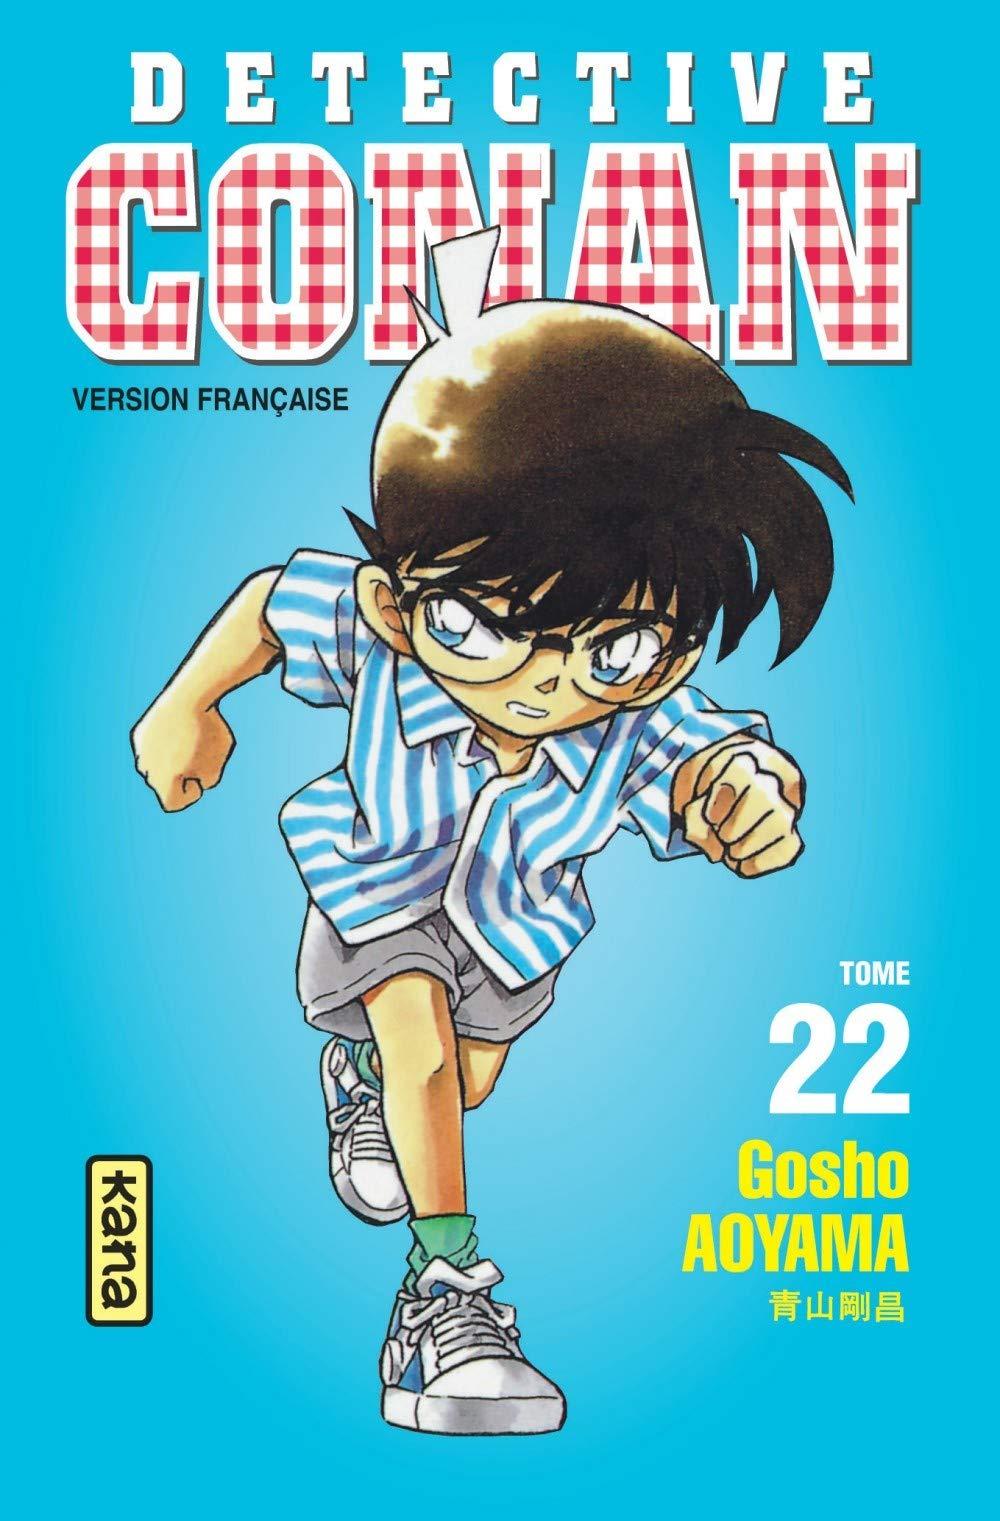 Détective Conan - Tome 22 (Shonen Kana) (French Edition)